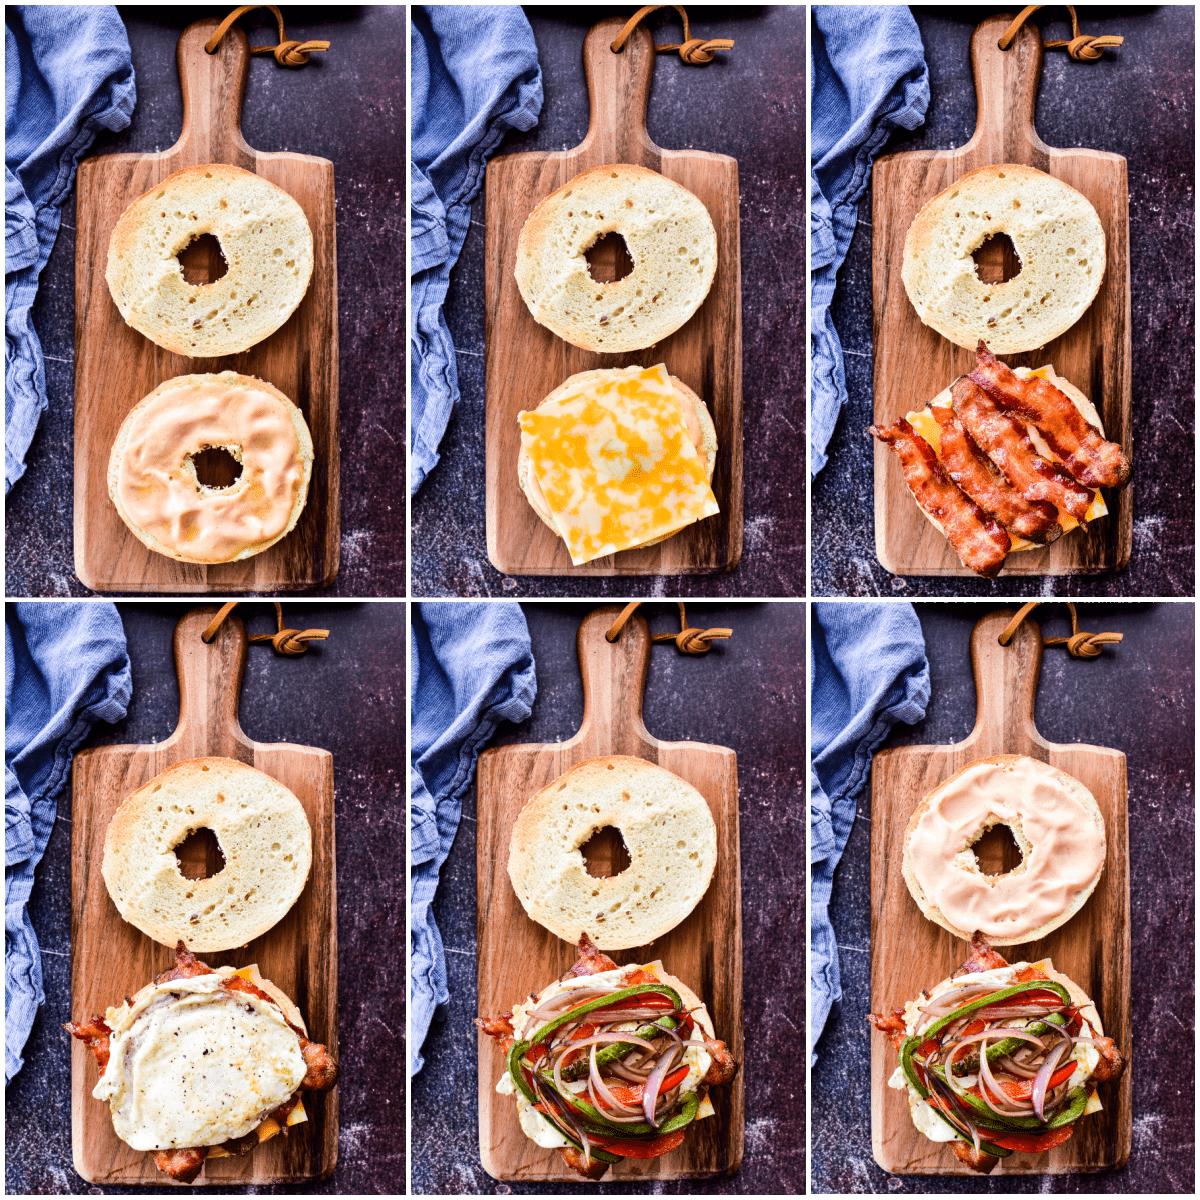 Process shots of Breakfast Sandwich assembly